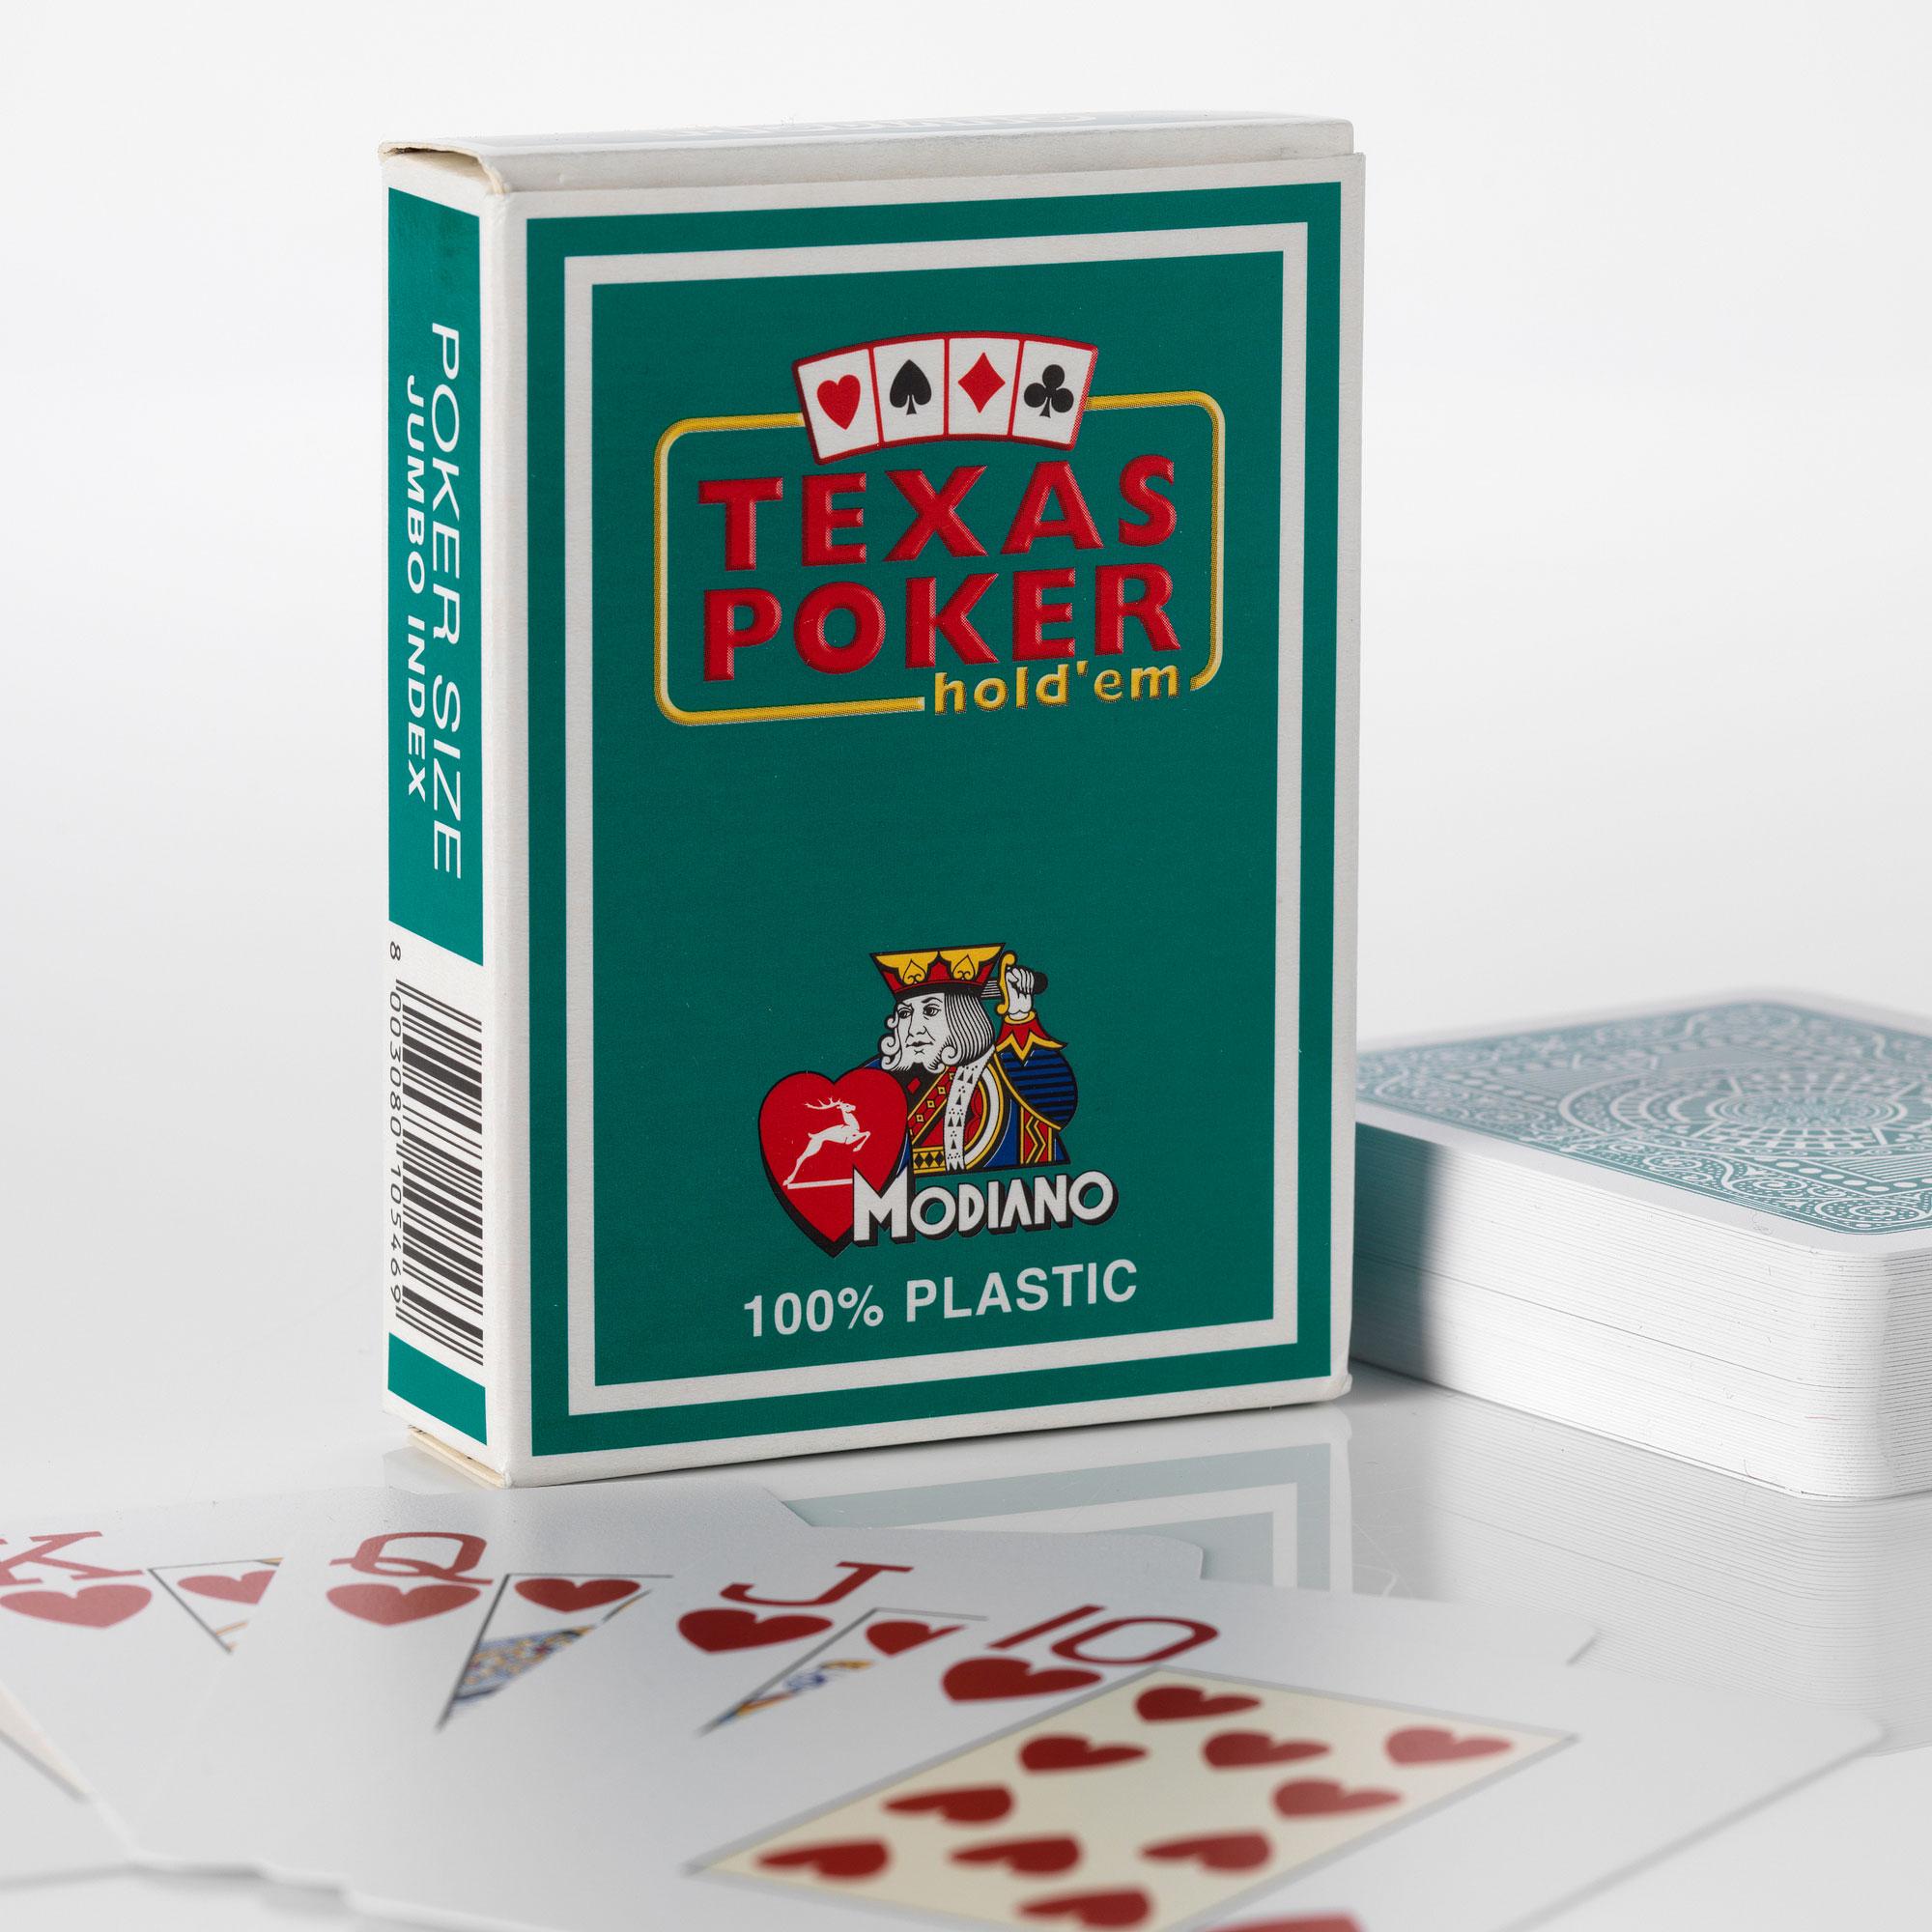 Интернет автоматами с бесплатное казино игровыми